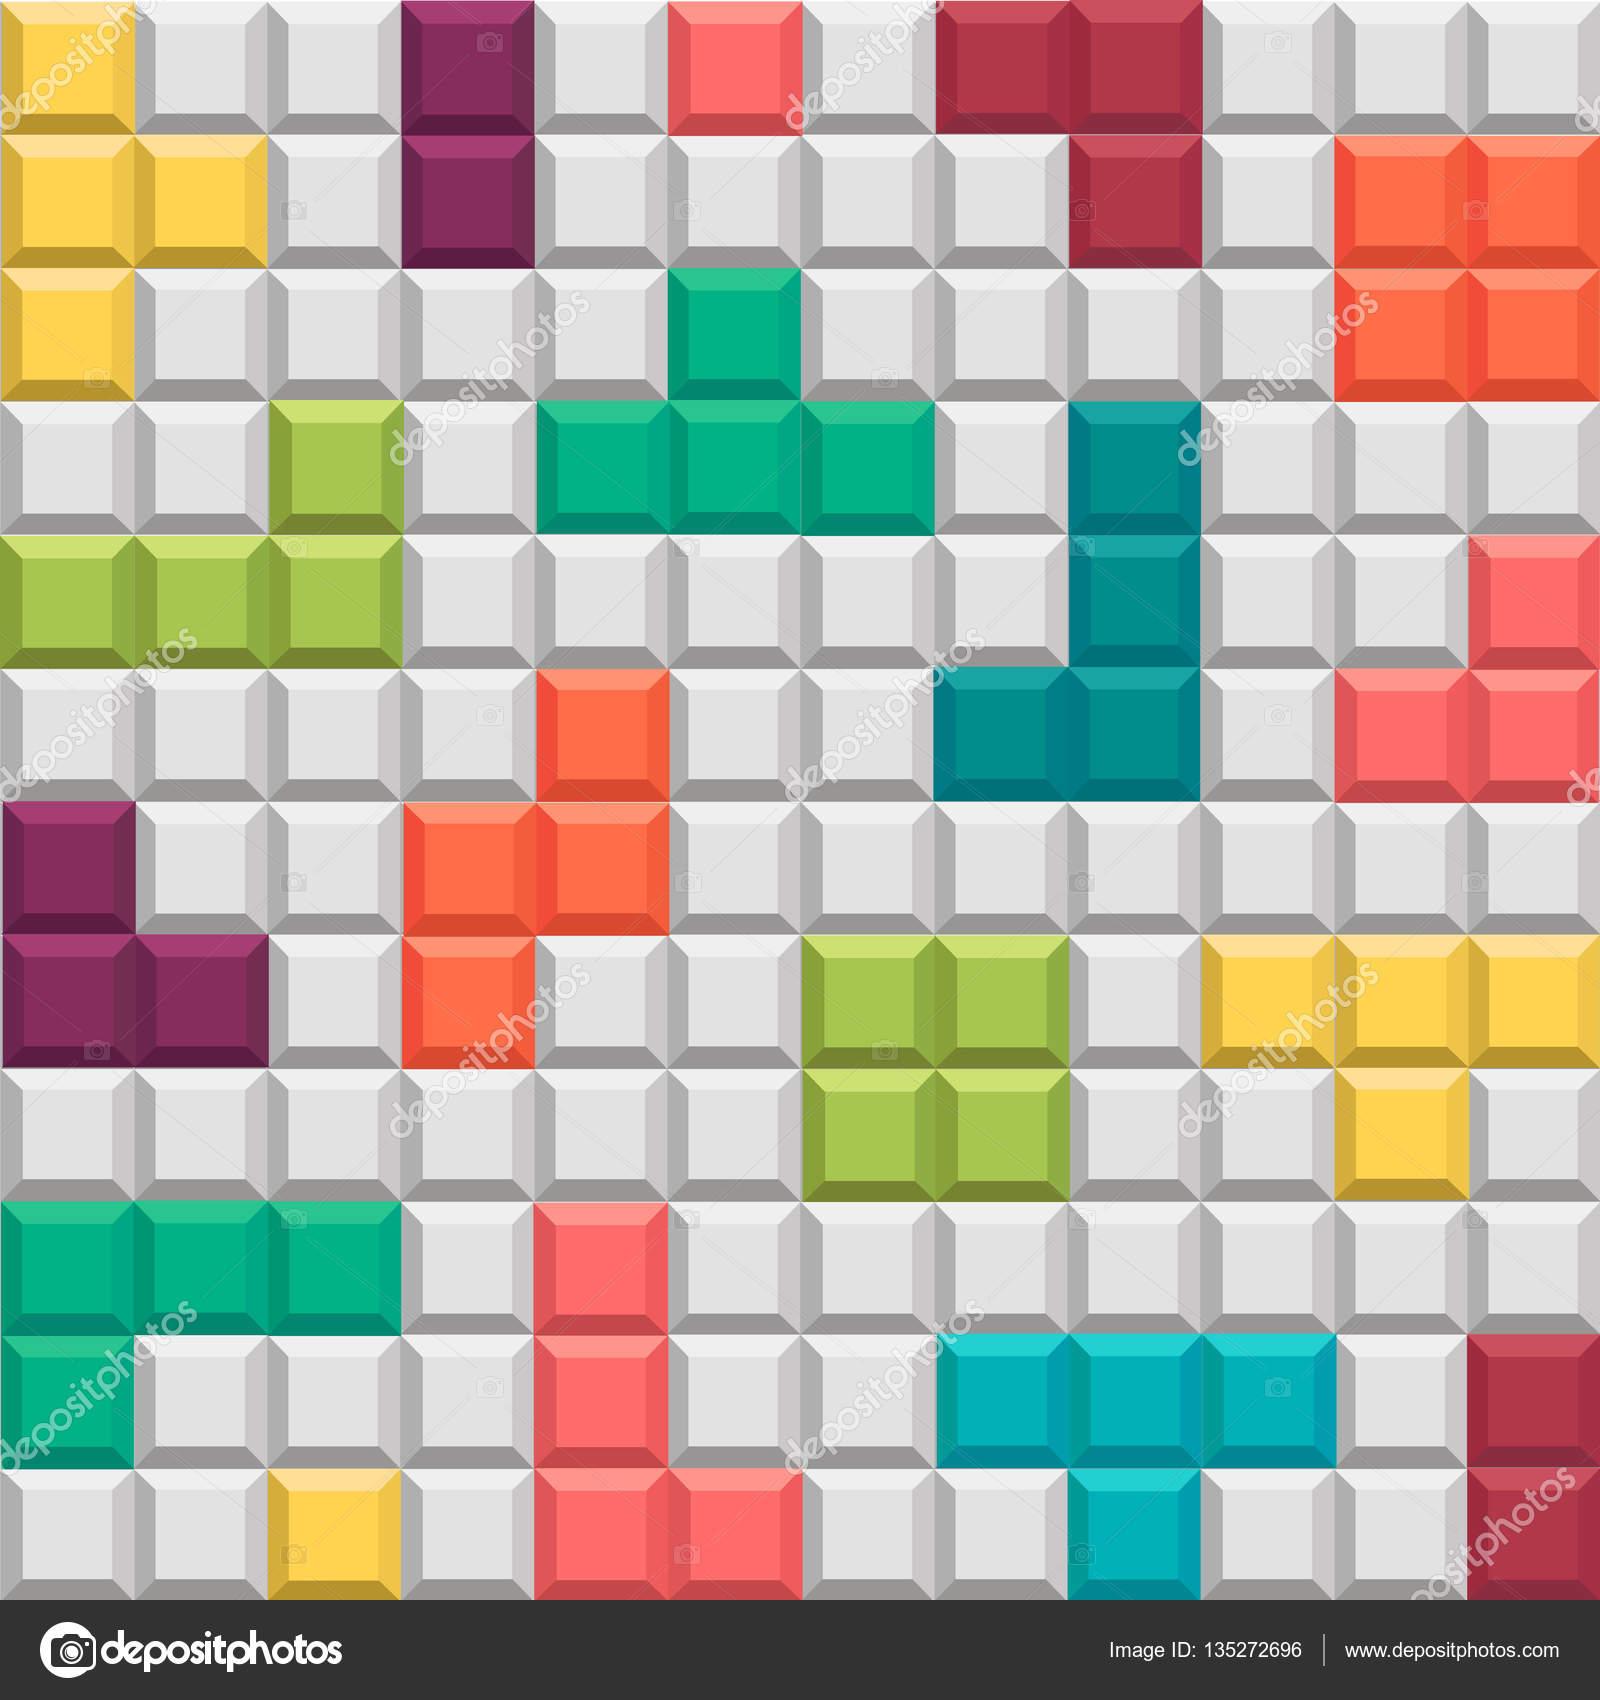 Fondo Geometrico Juego Al Estilo Tetris Archivo Imagenes